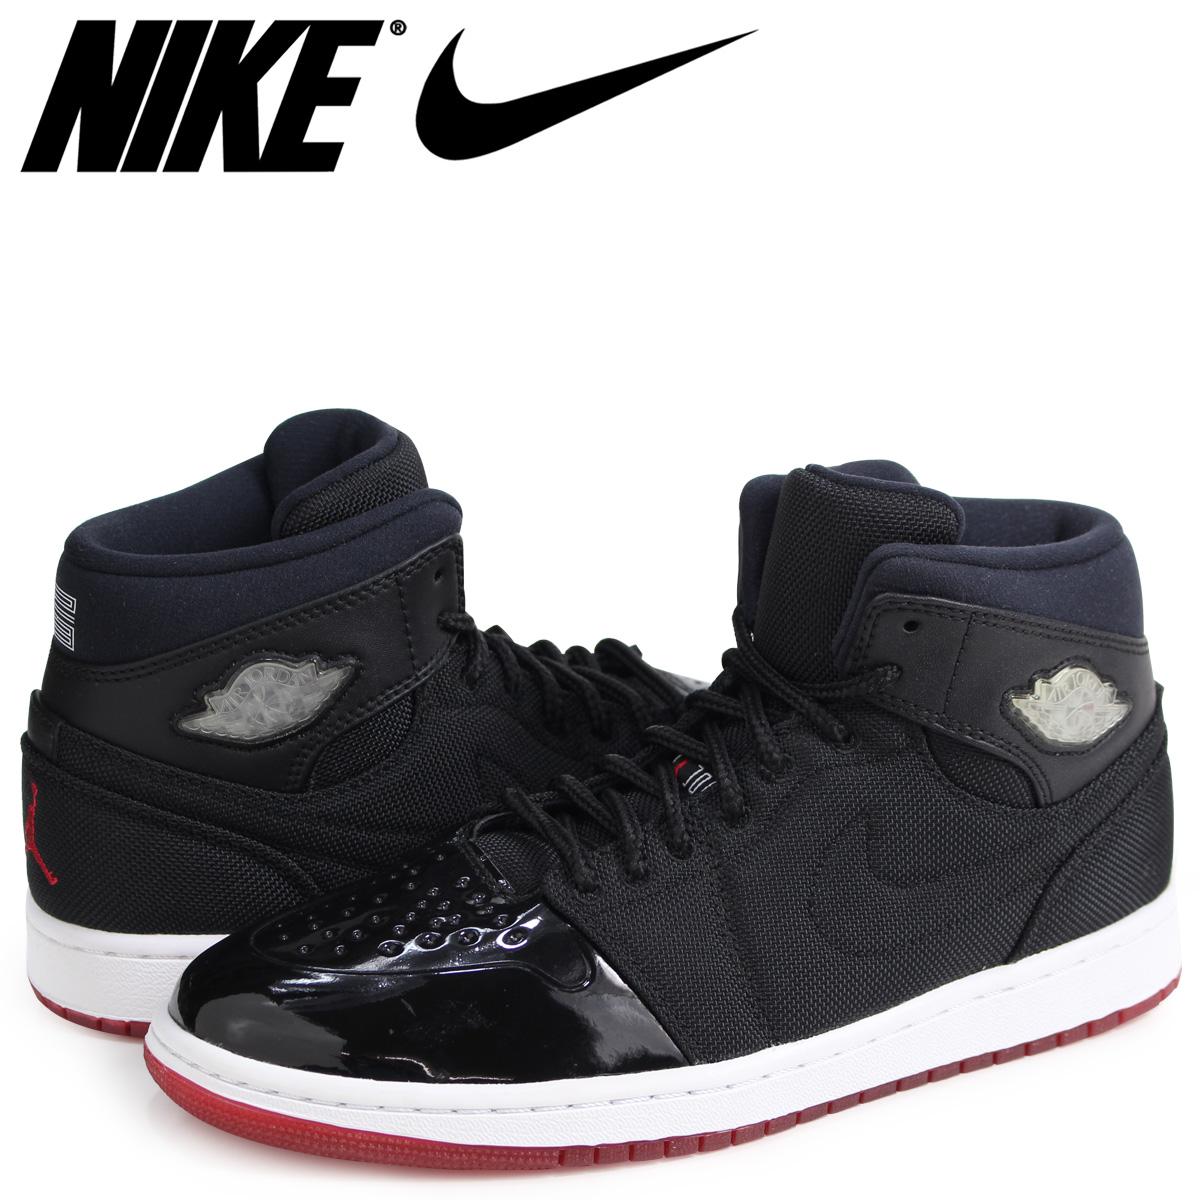 NIKE AIR JORDAN 1 RETRO 95 TXT Nike Air Jordan 1 nostalgic sneakers men black 616,369 001